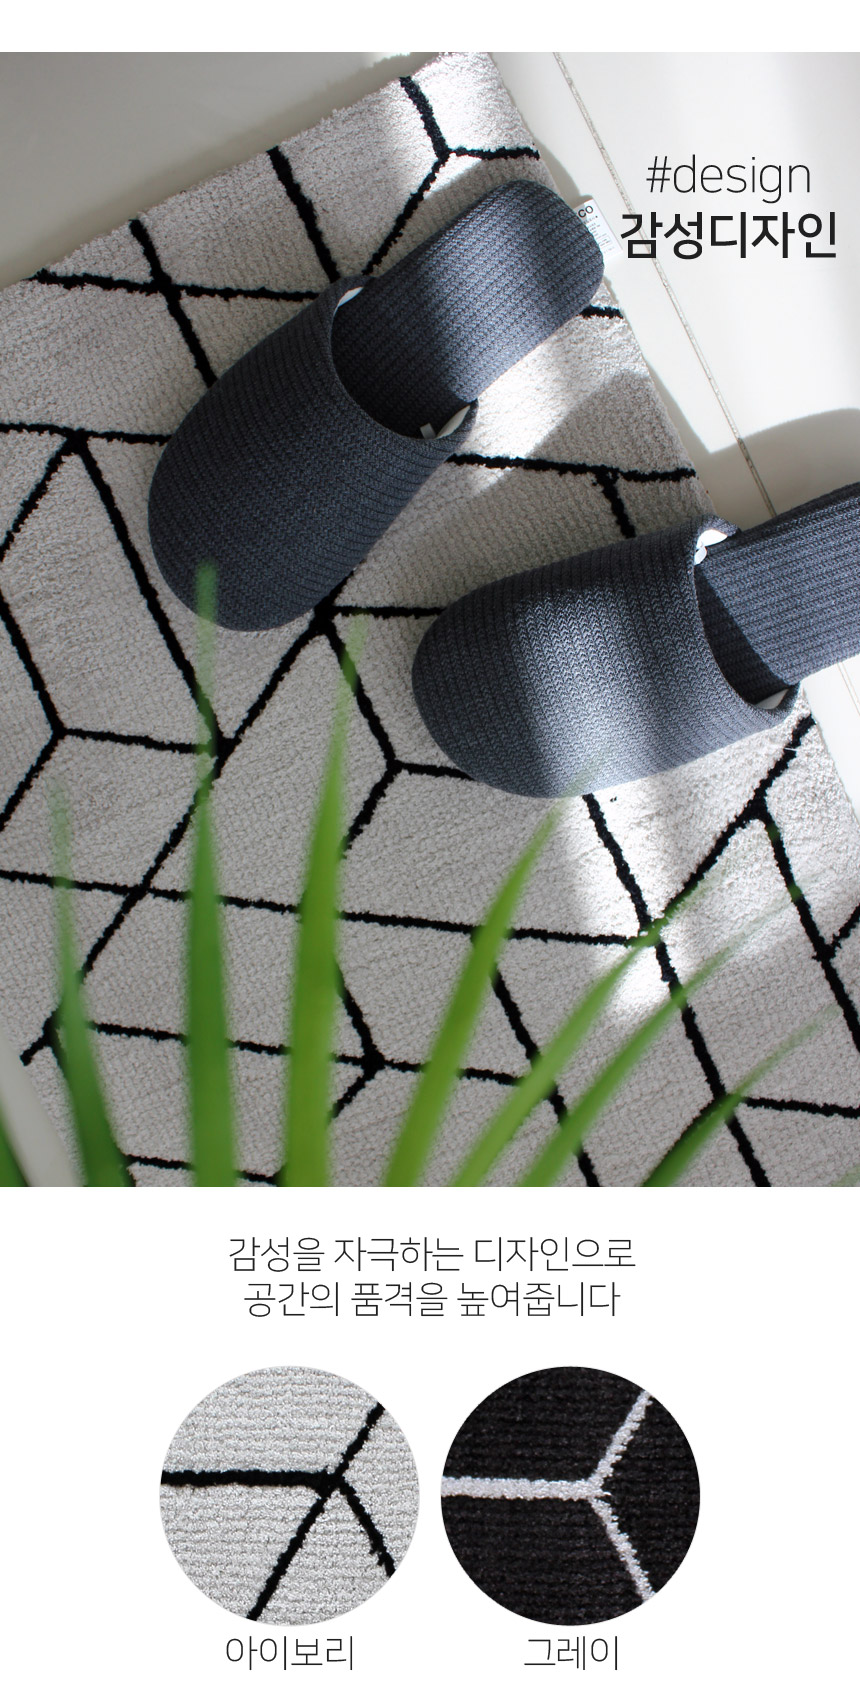 샤인 욕실 발매트 퍼즐M 러그 1+1 - 샤이닝홈, 41,900원, 디자인 발매트, 디자인